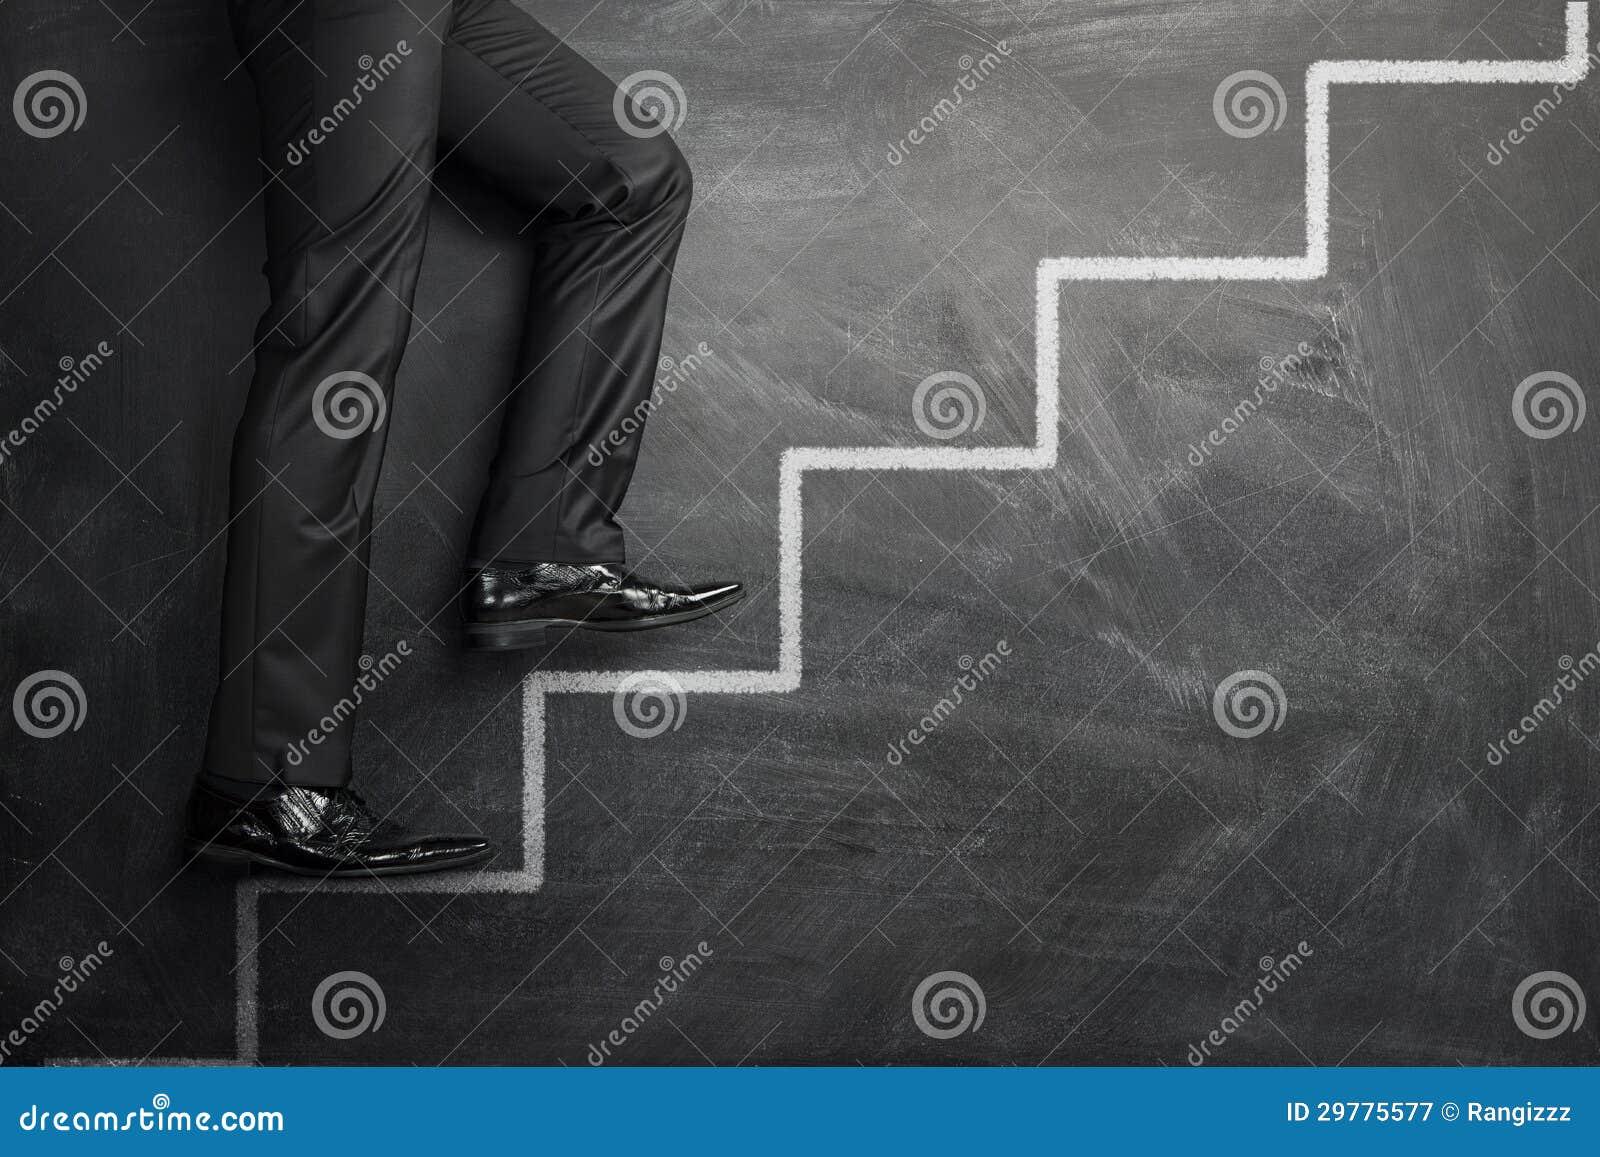 Escalando as etapas da carreira